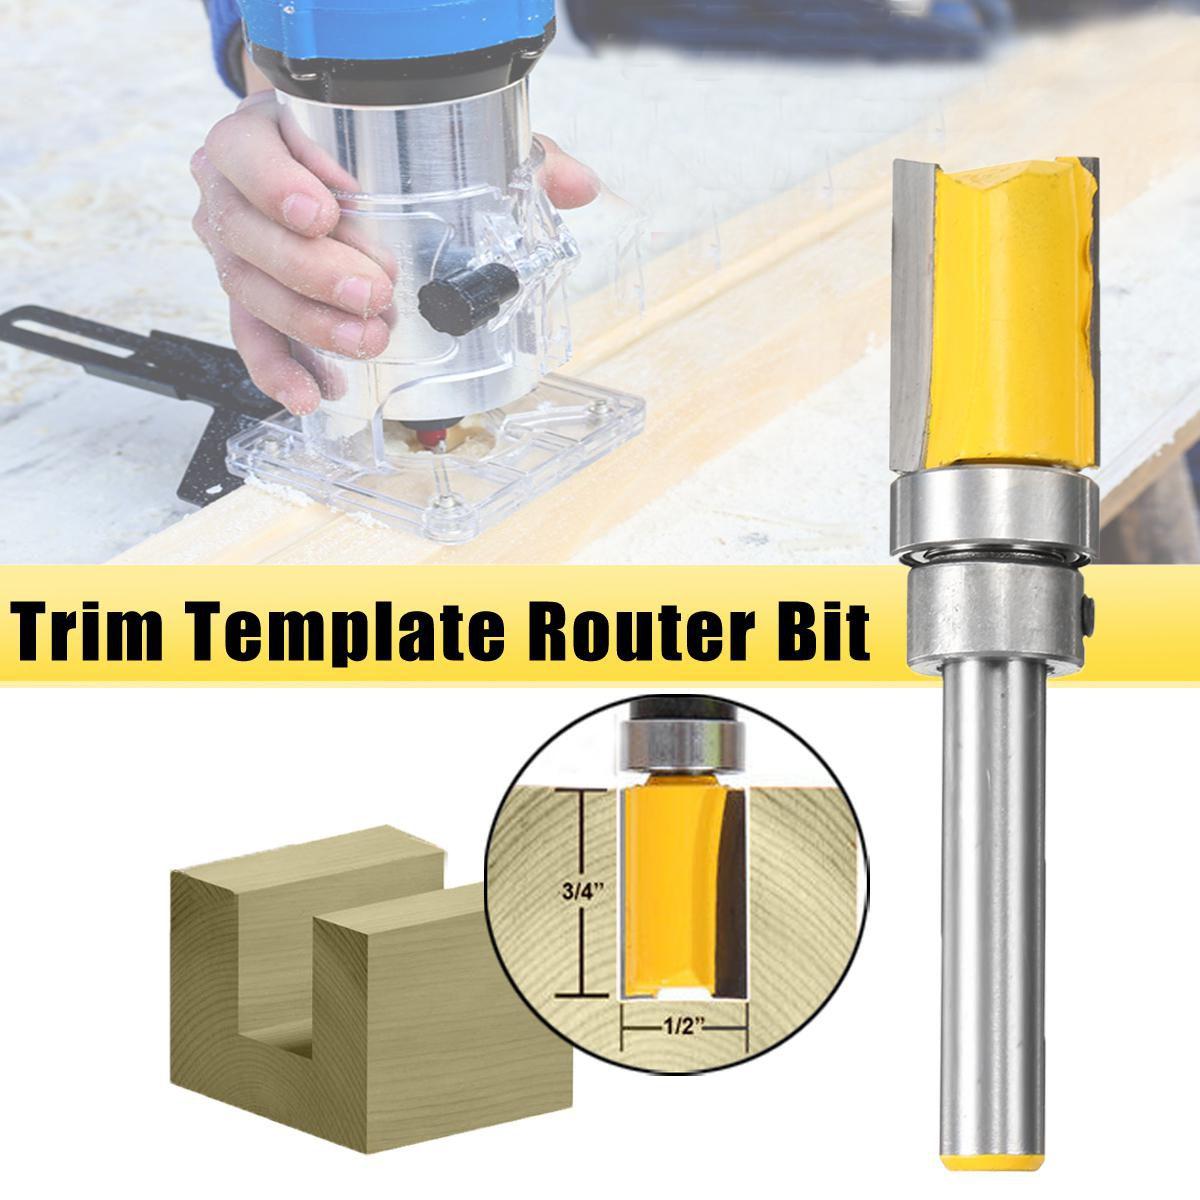 12 Diameter Flush Trim Template Router Bit 14 Shank